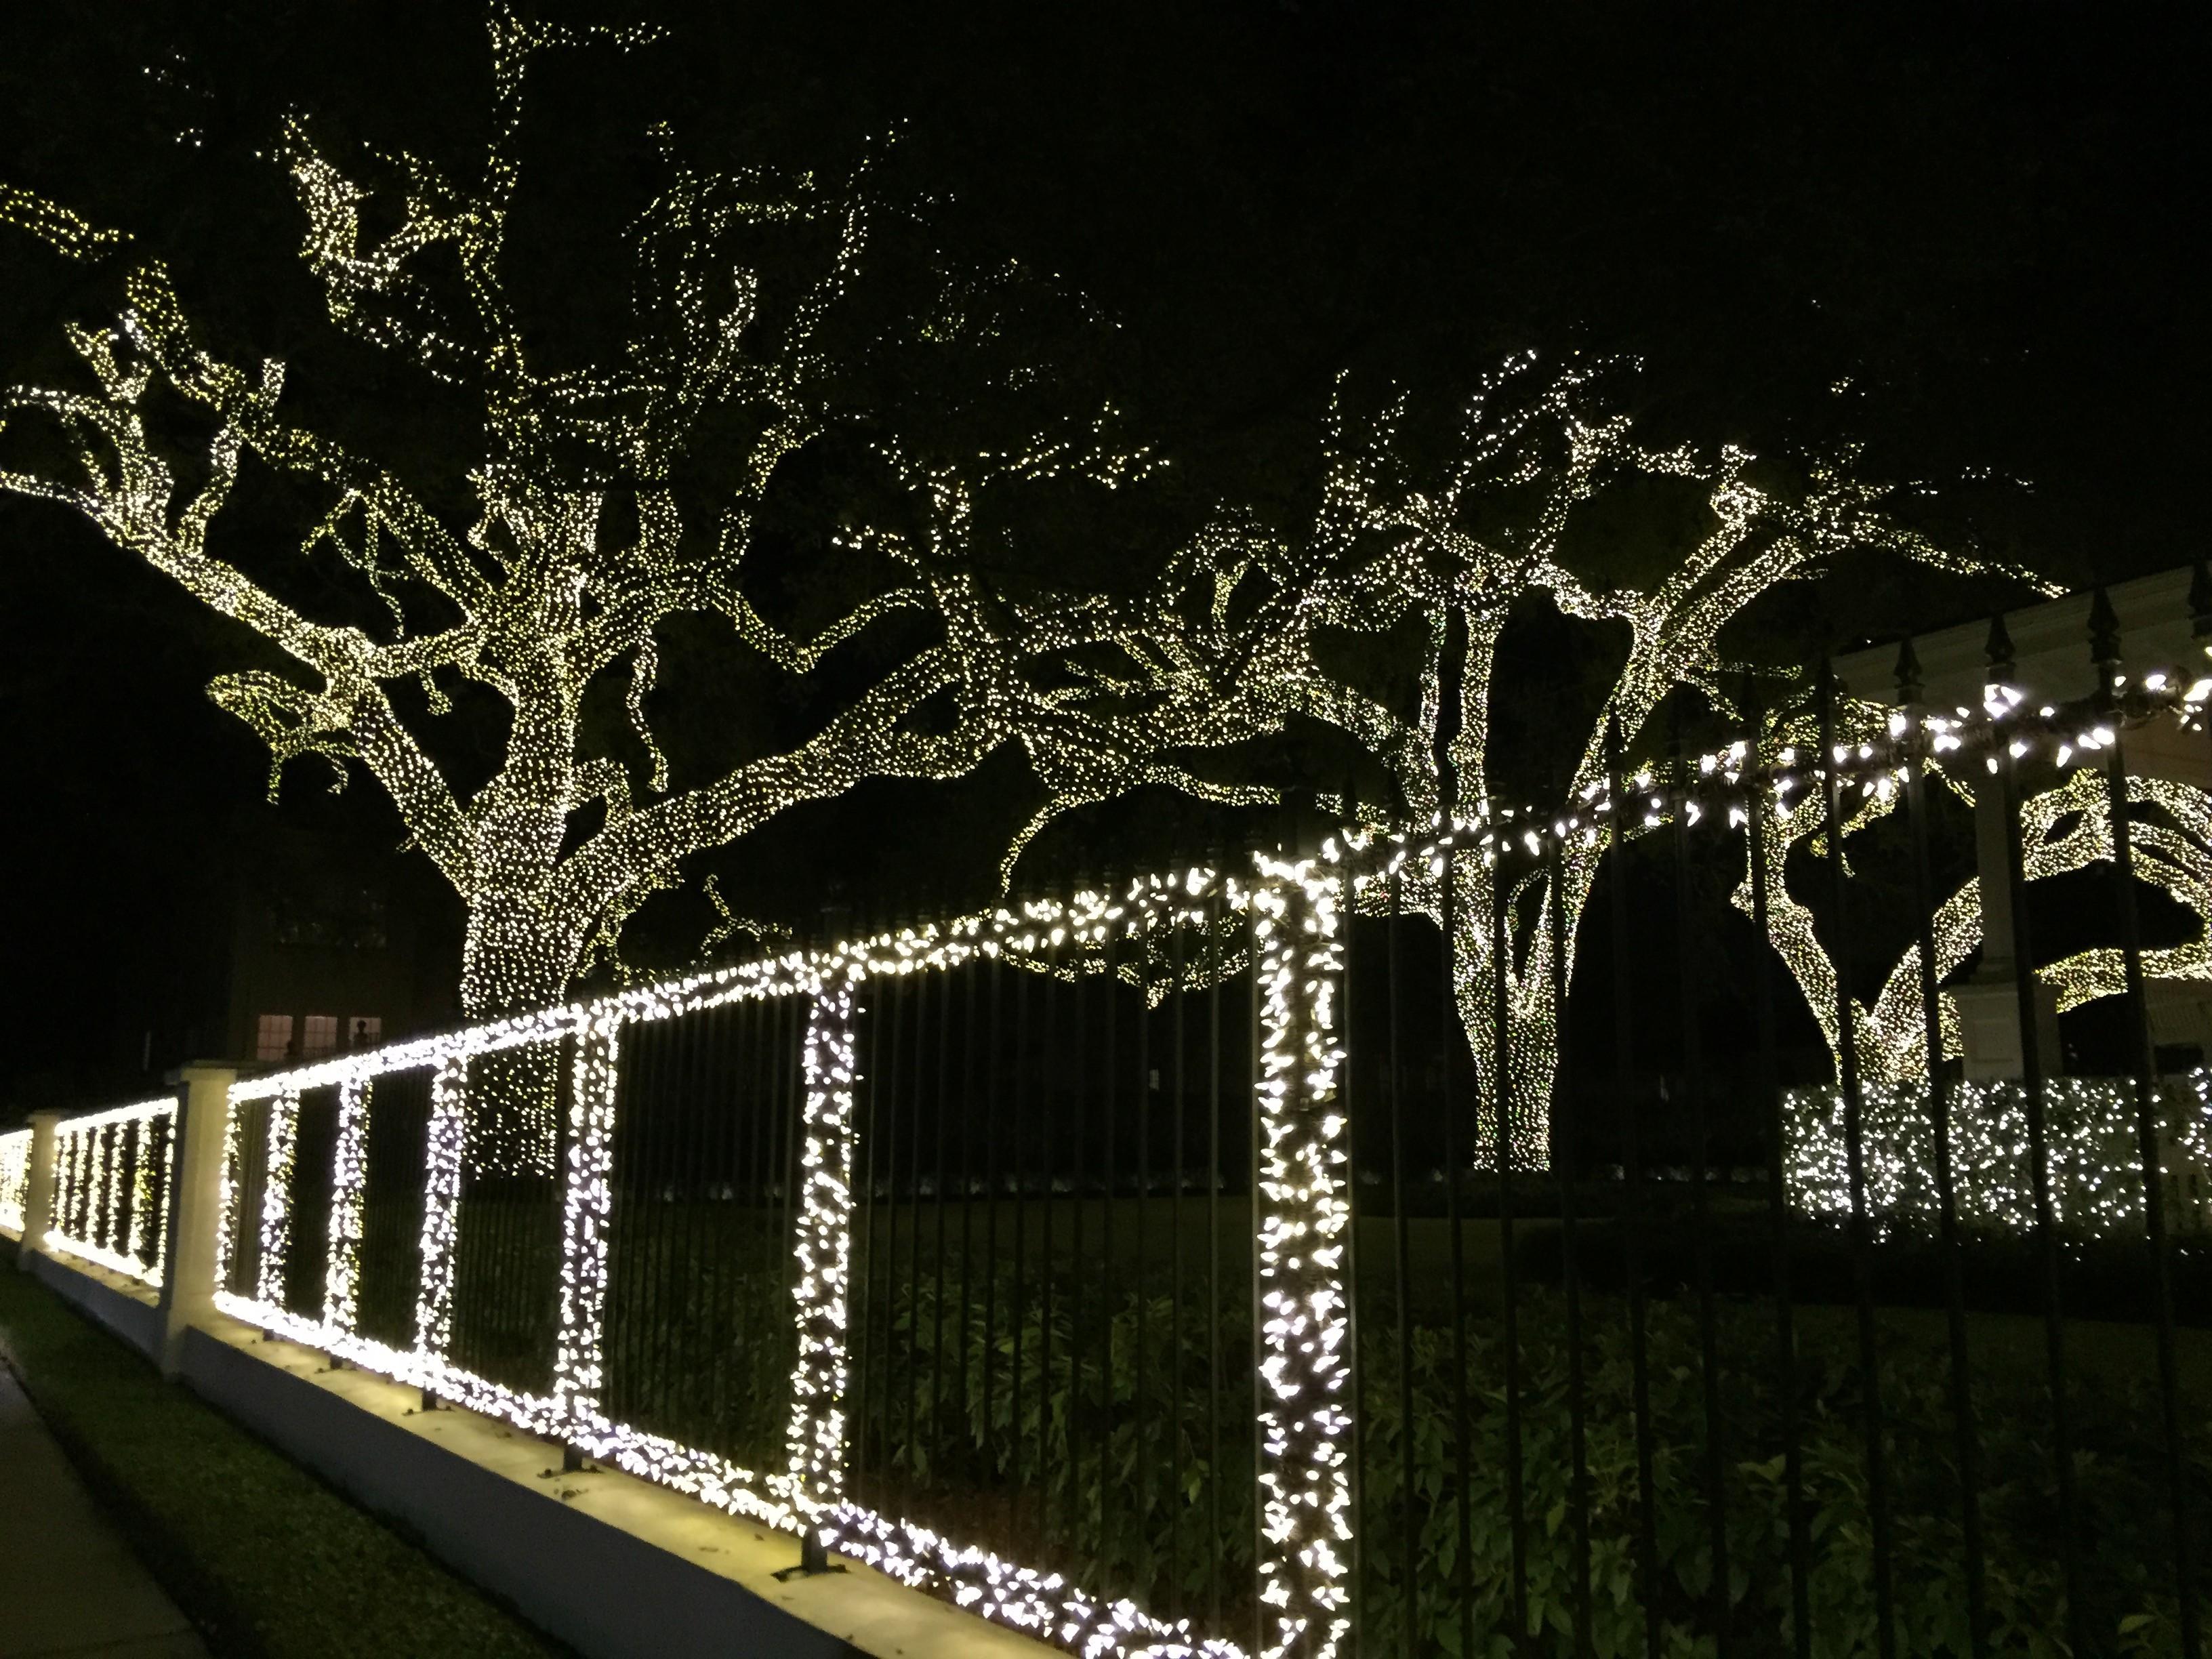 lights on st charles avenue